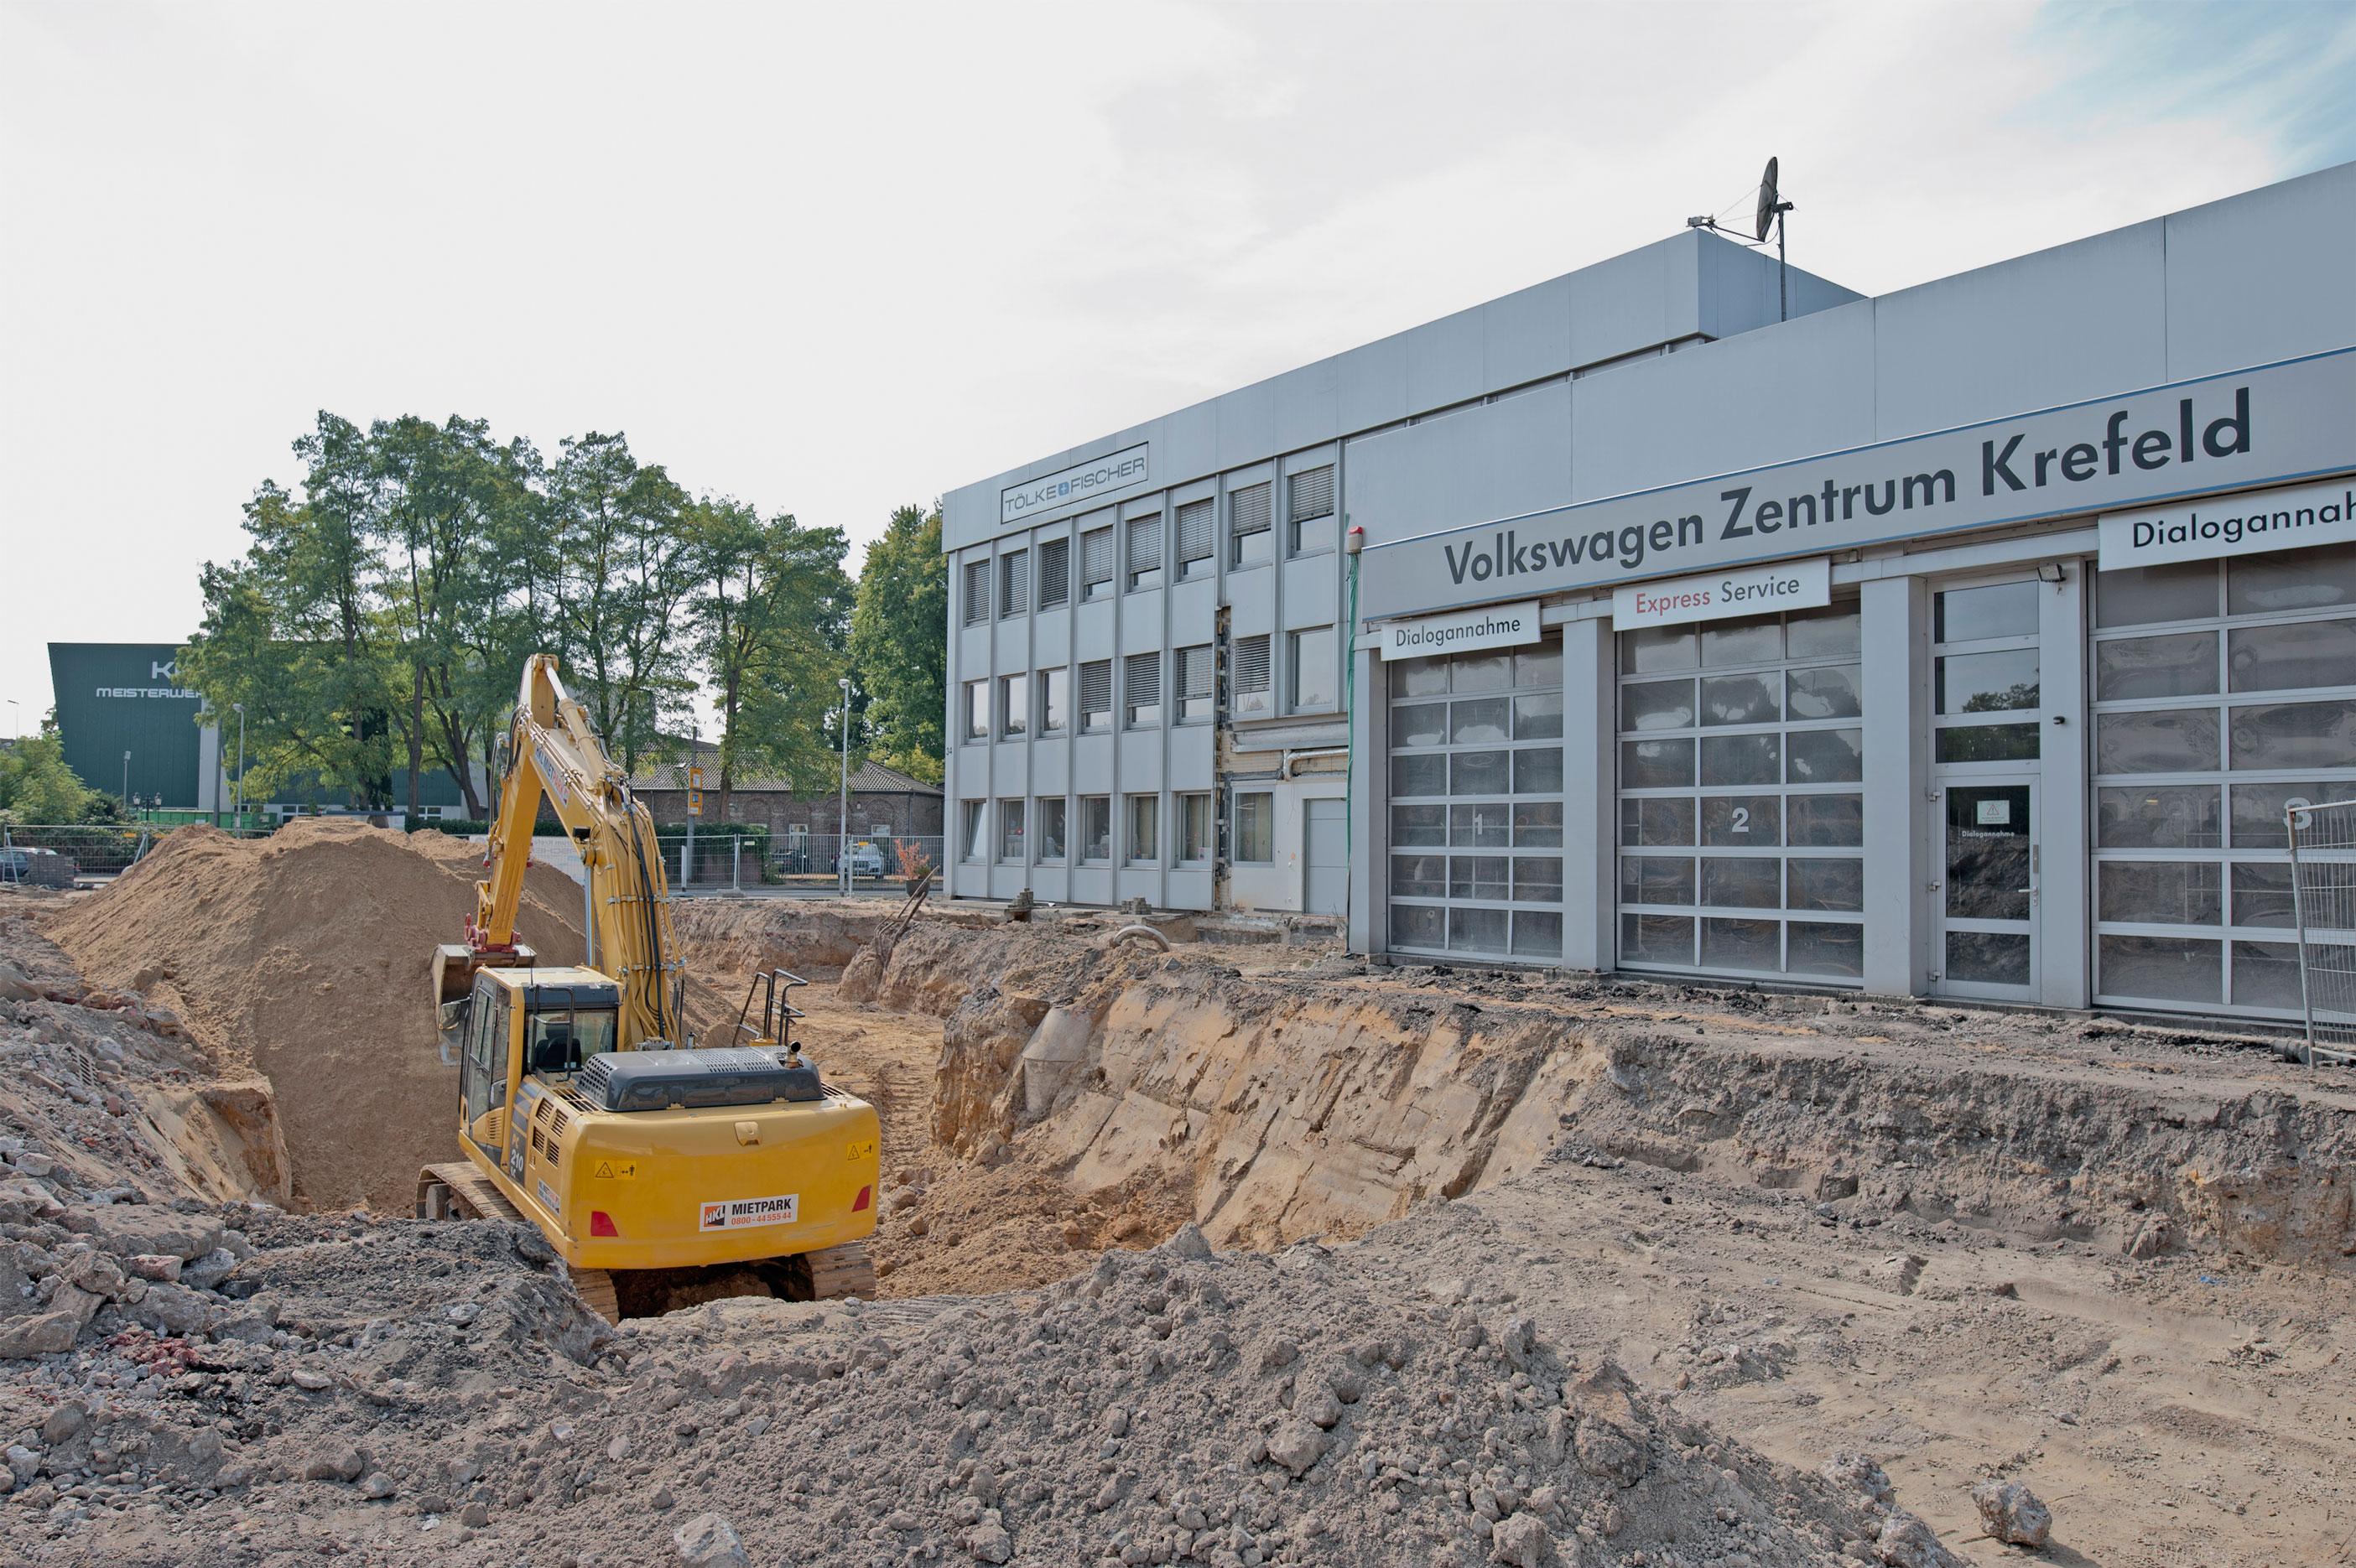 Ein Mammutprojekt, das sportlich macht! - Tölke & Fischer Volkswagen Zentrum Krefeld